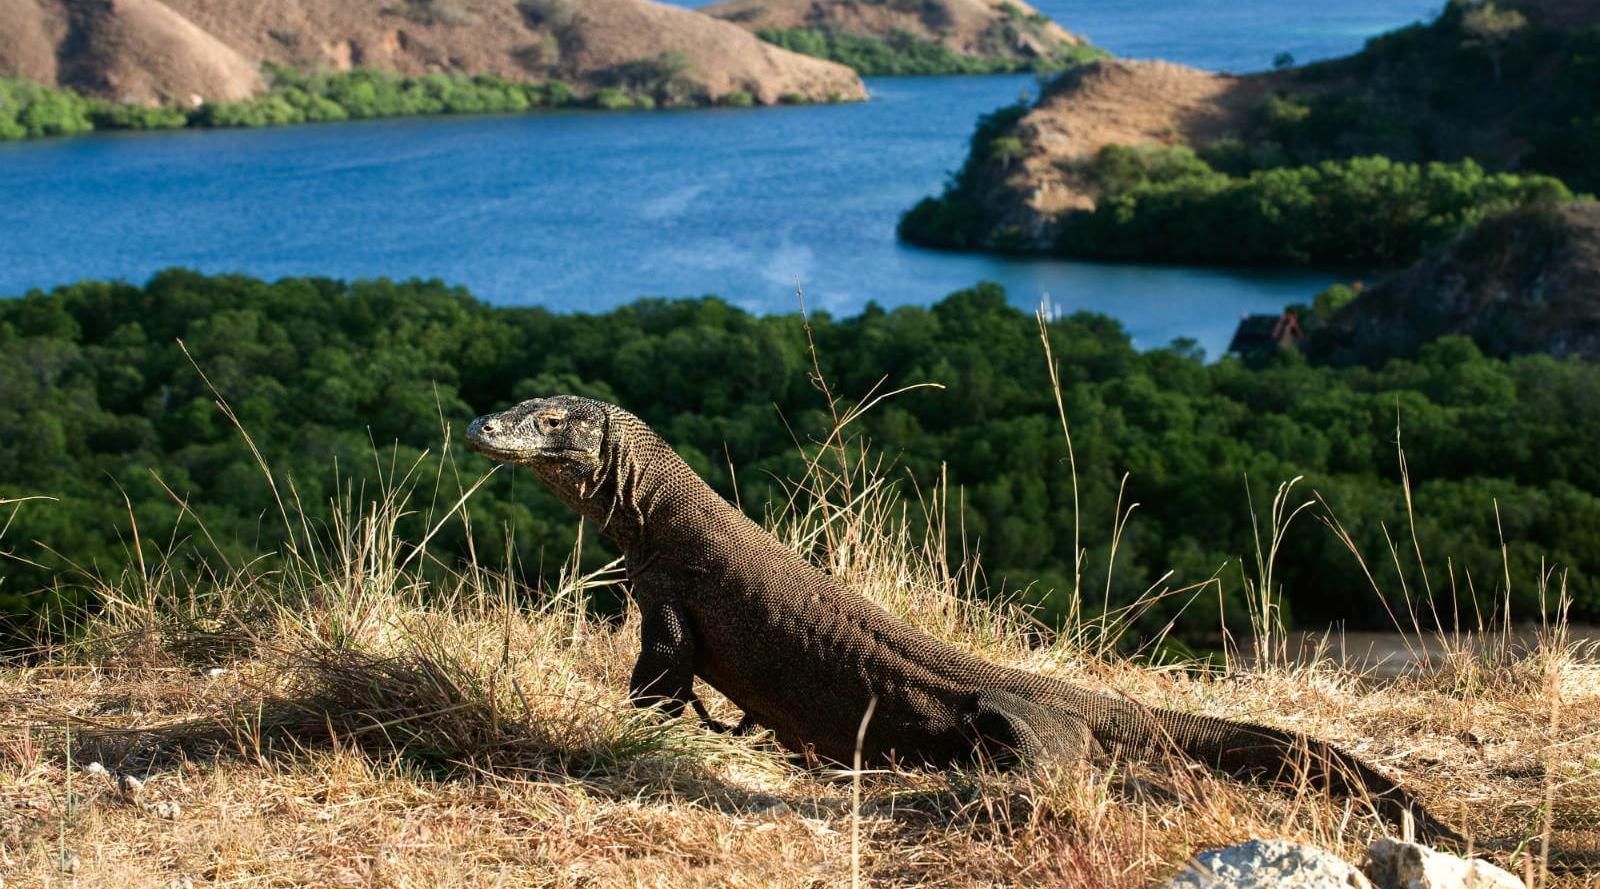 wisata indonesia pulau komodo hewan melata paling besar di dunia